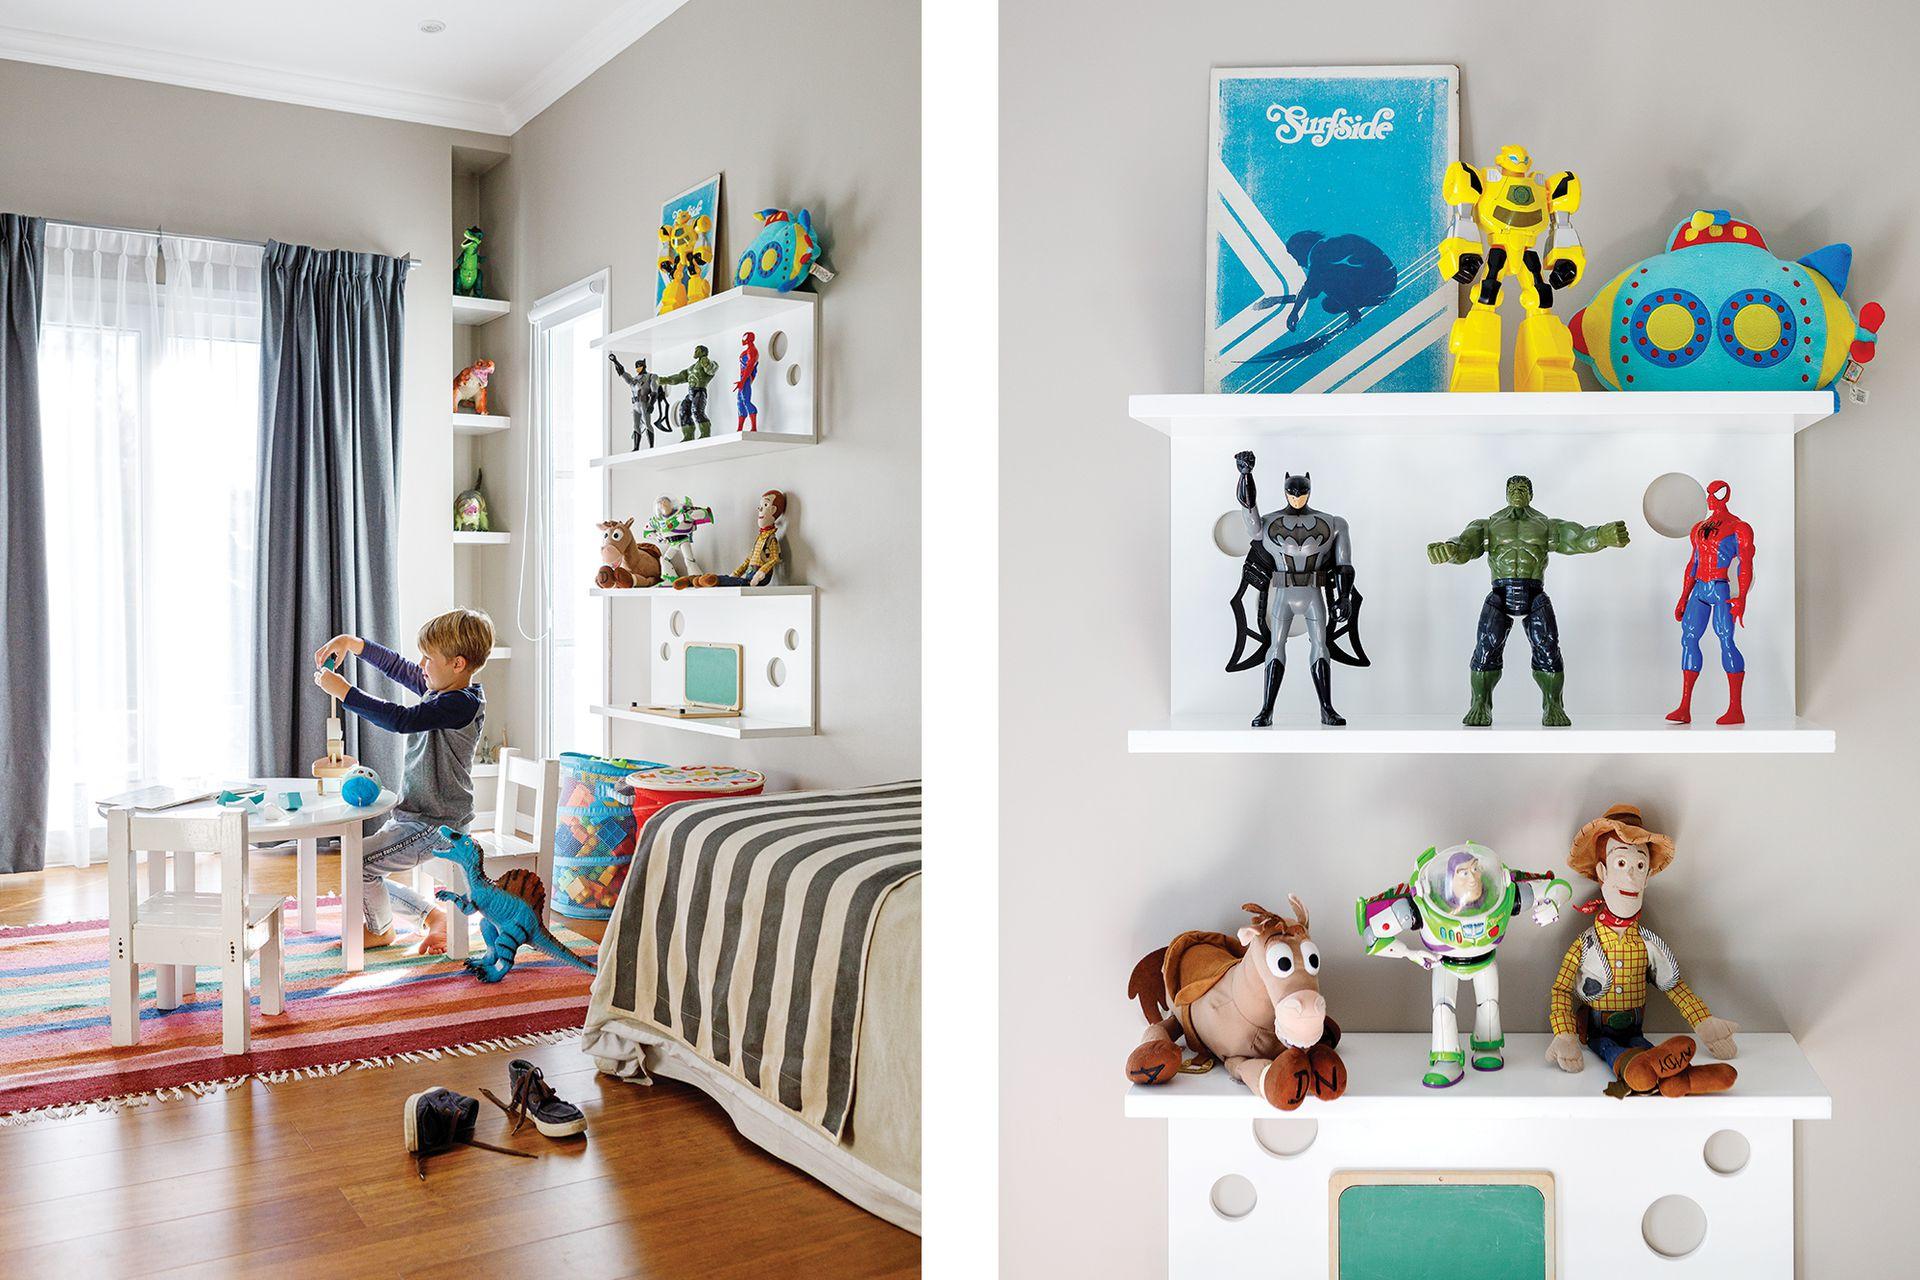 En el cuarto de Federico reutilizaron los muebles de la casa anterior y sumaron estantes diseñados por Cecilia.